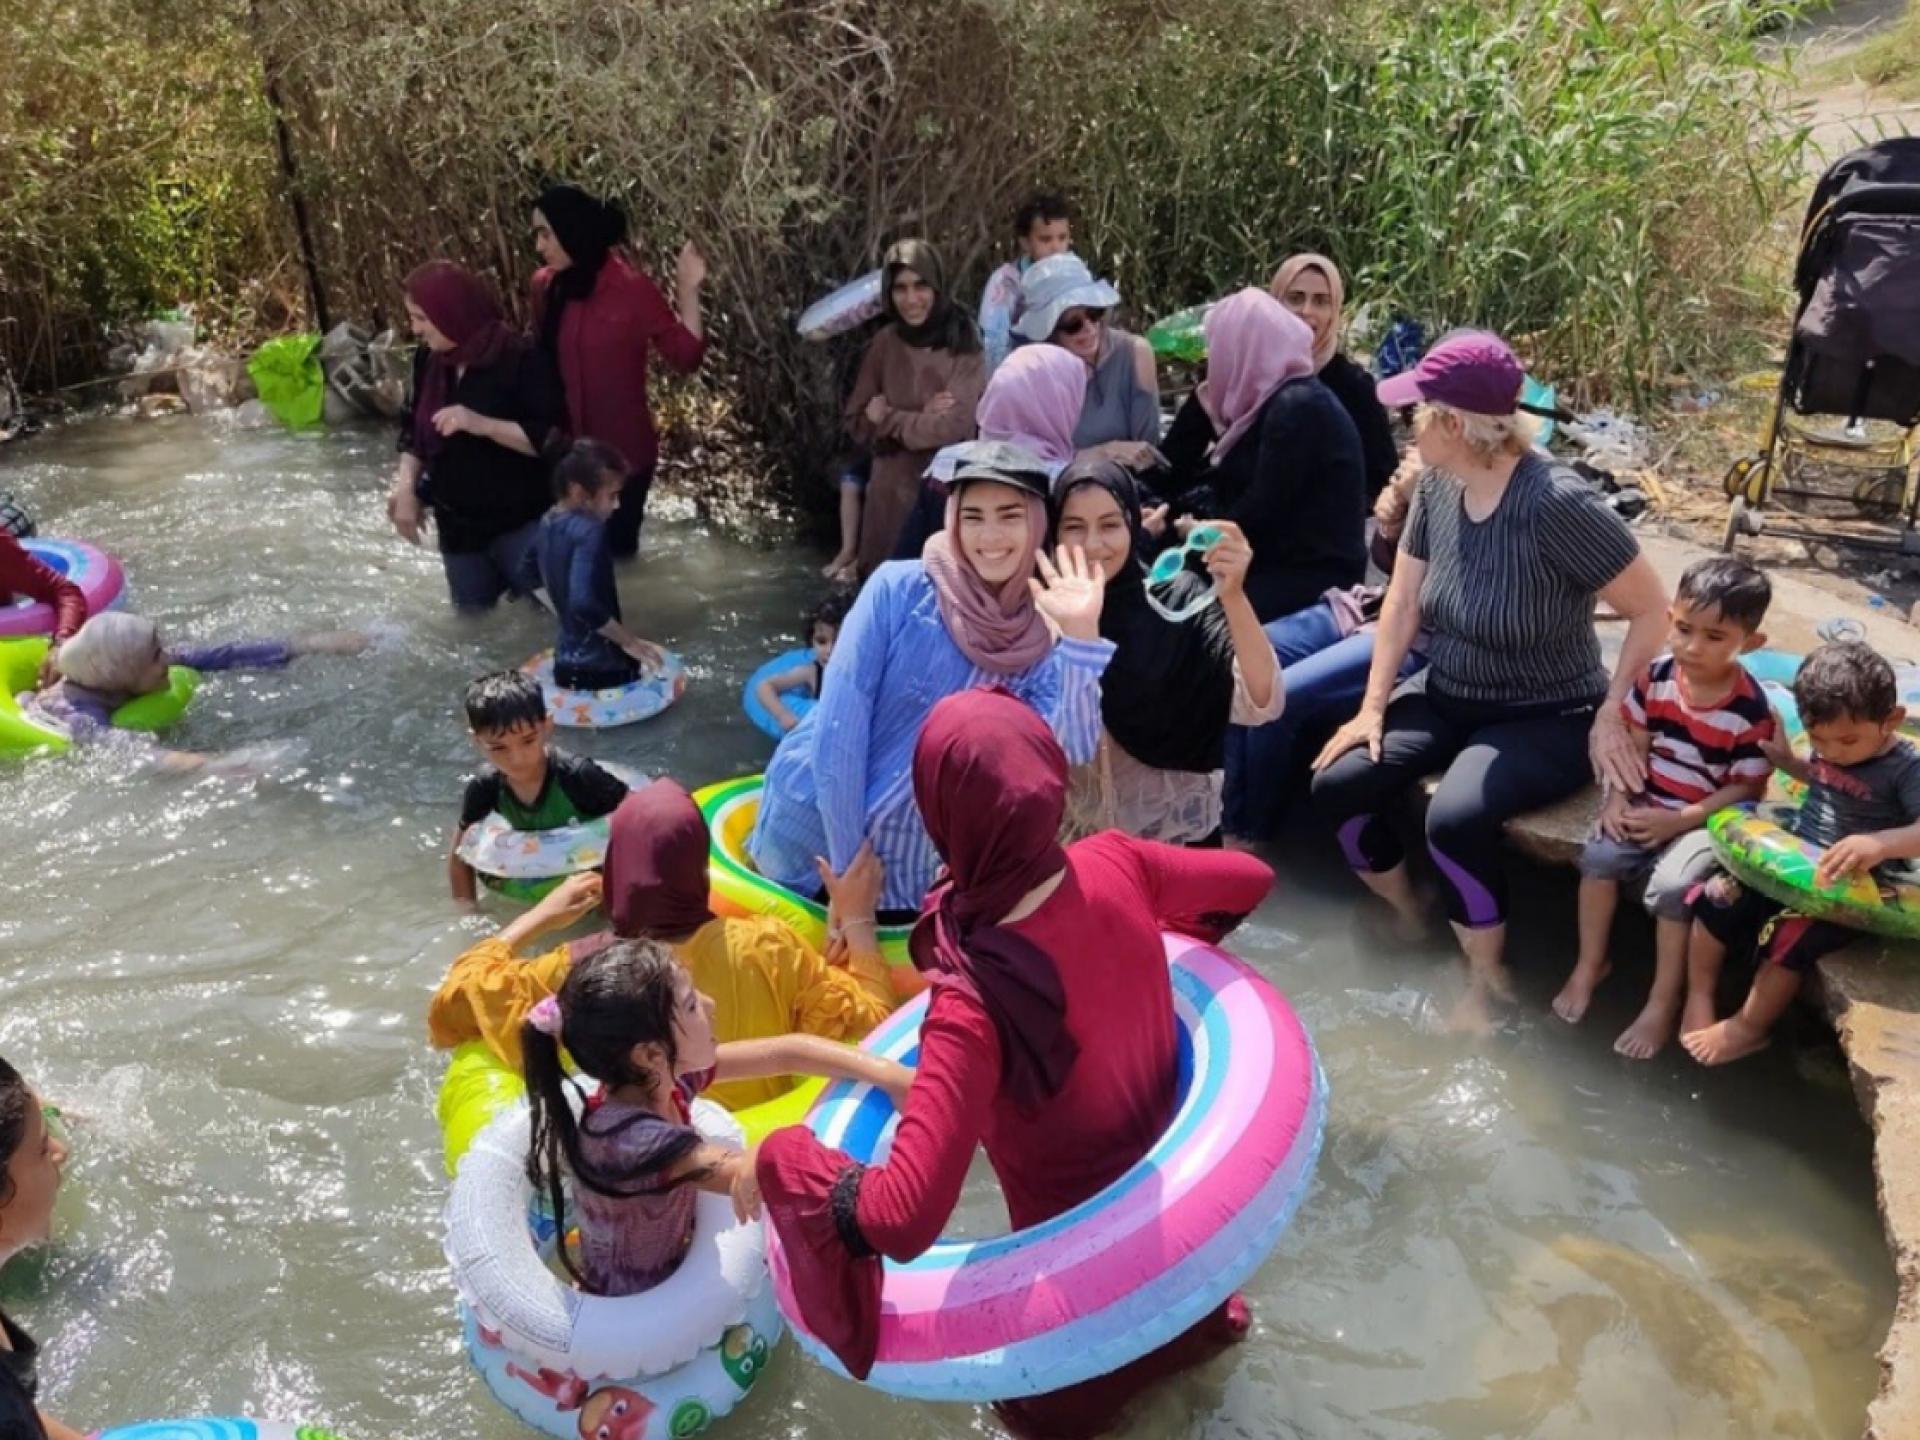 יום כיף במים לילדי הרועים בבקעת הירדן במעין עין סכות